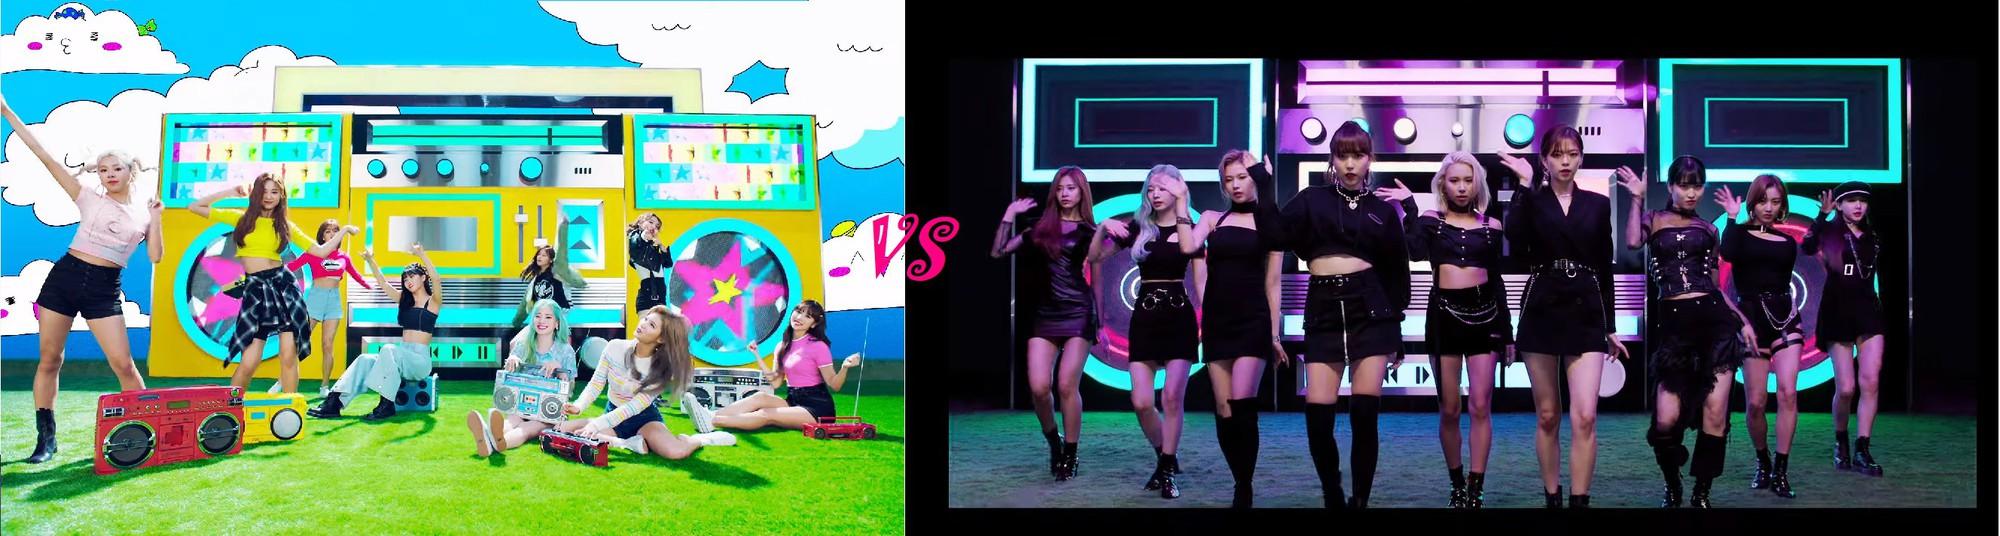 TWICE tung MV mới khiến netizen tưởng nhóm là con ghẻ JYP ở Hàn, có 1 điều làm tốt hơn BLACKPINK - Ảnh 4.